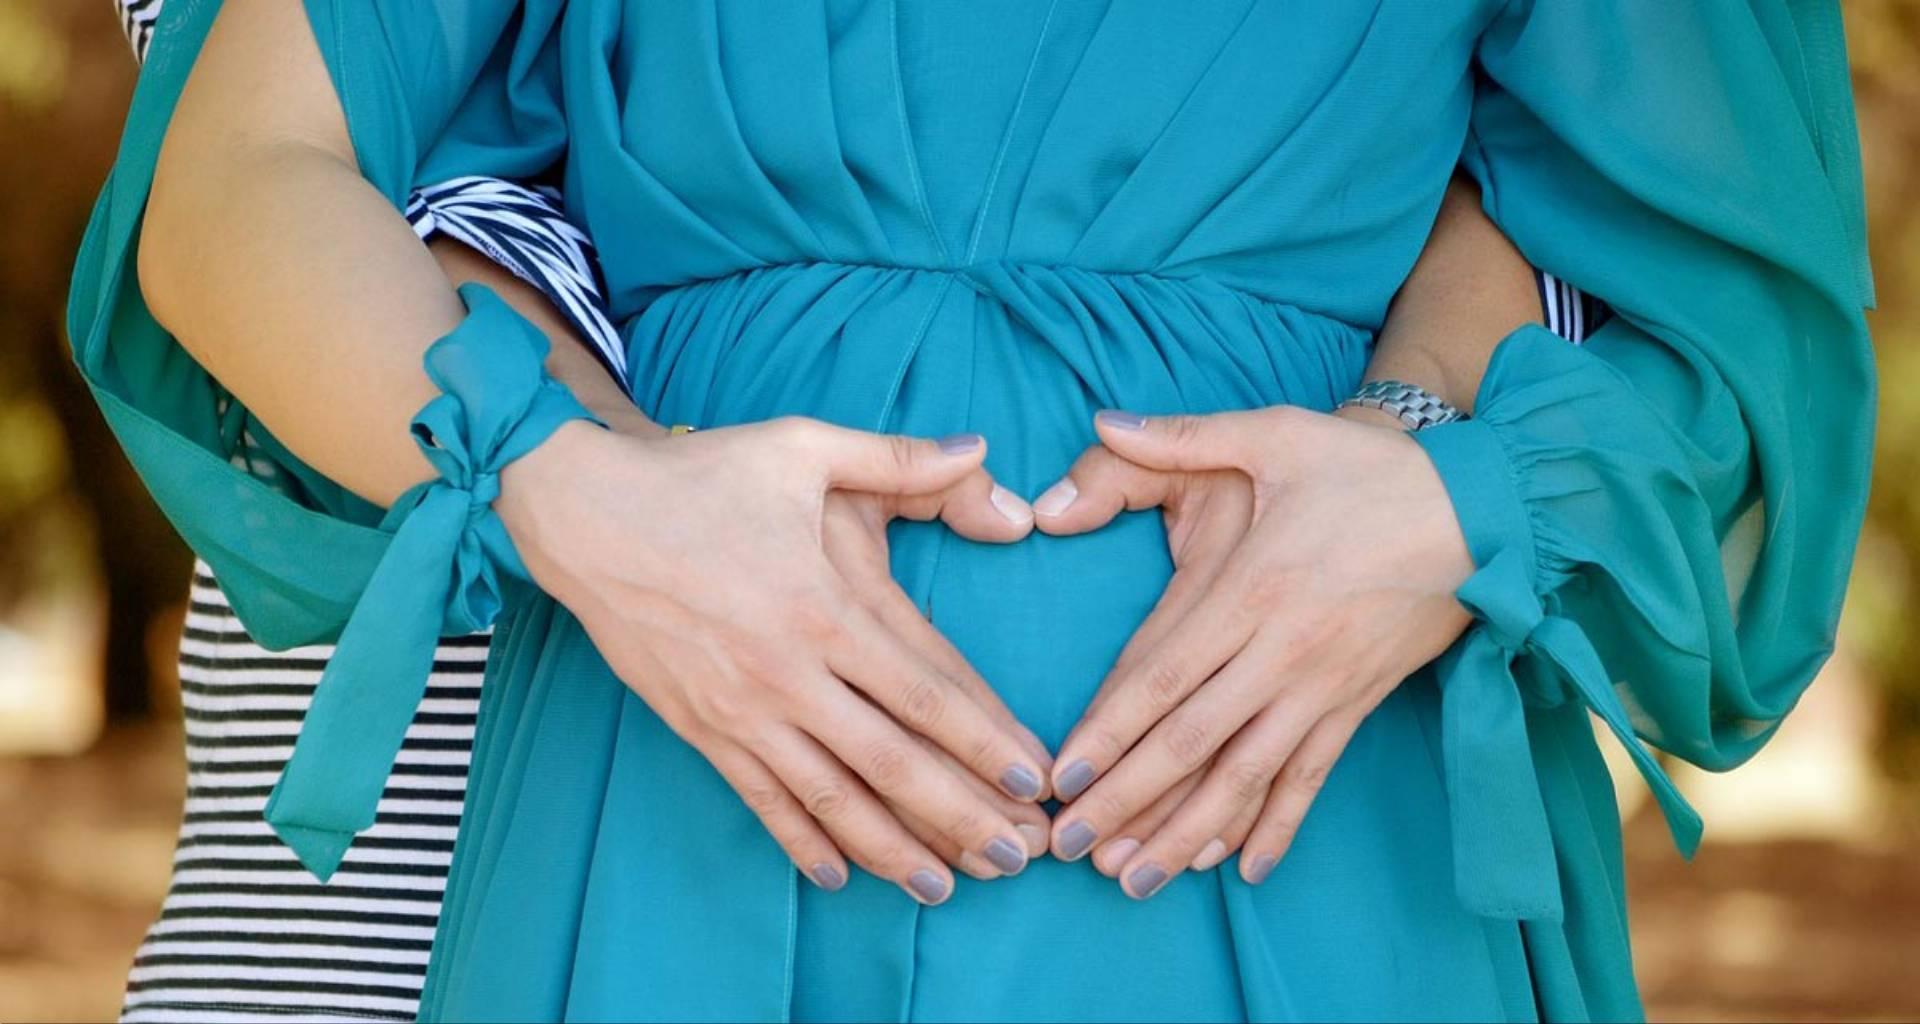 vitro w klinice leczenia niepłodności